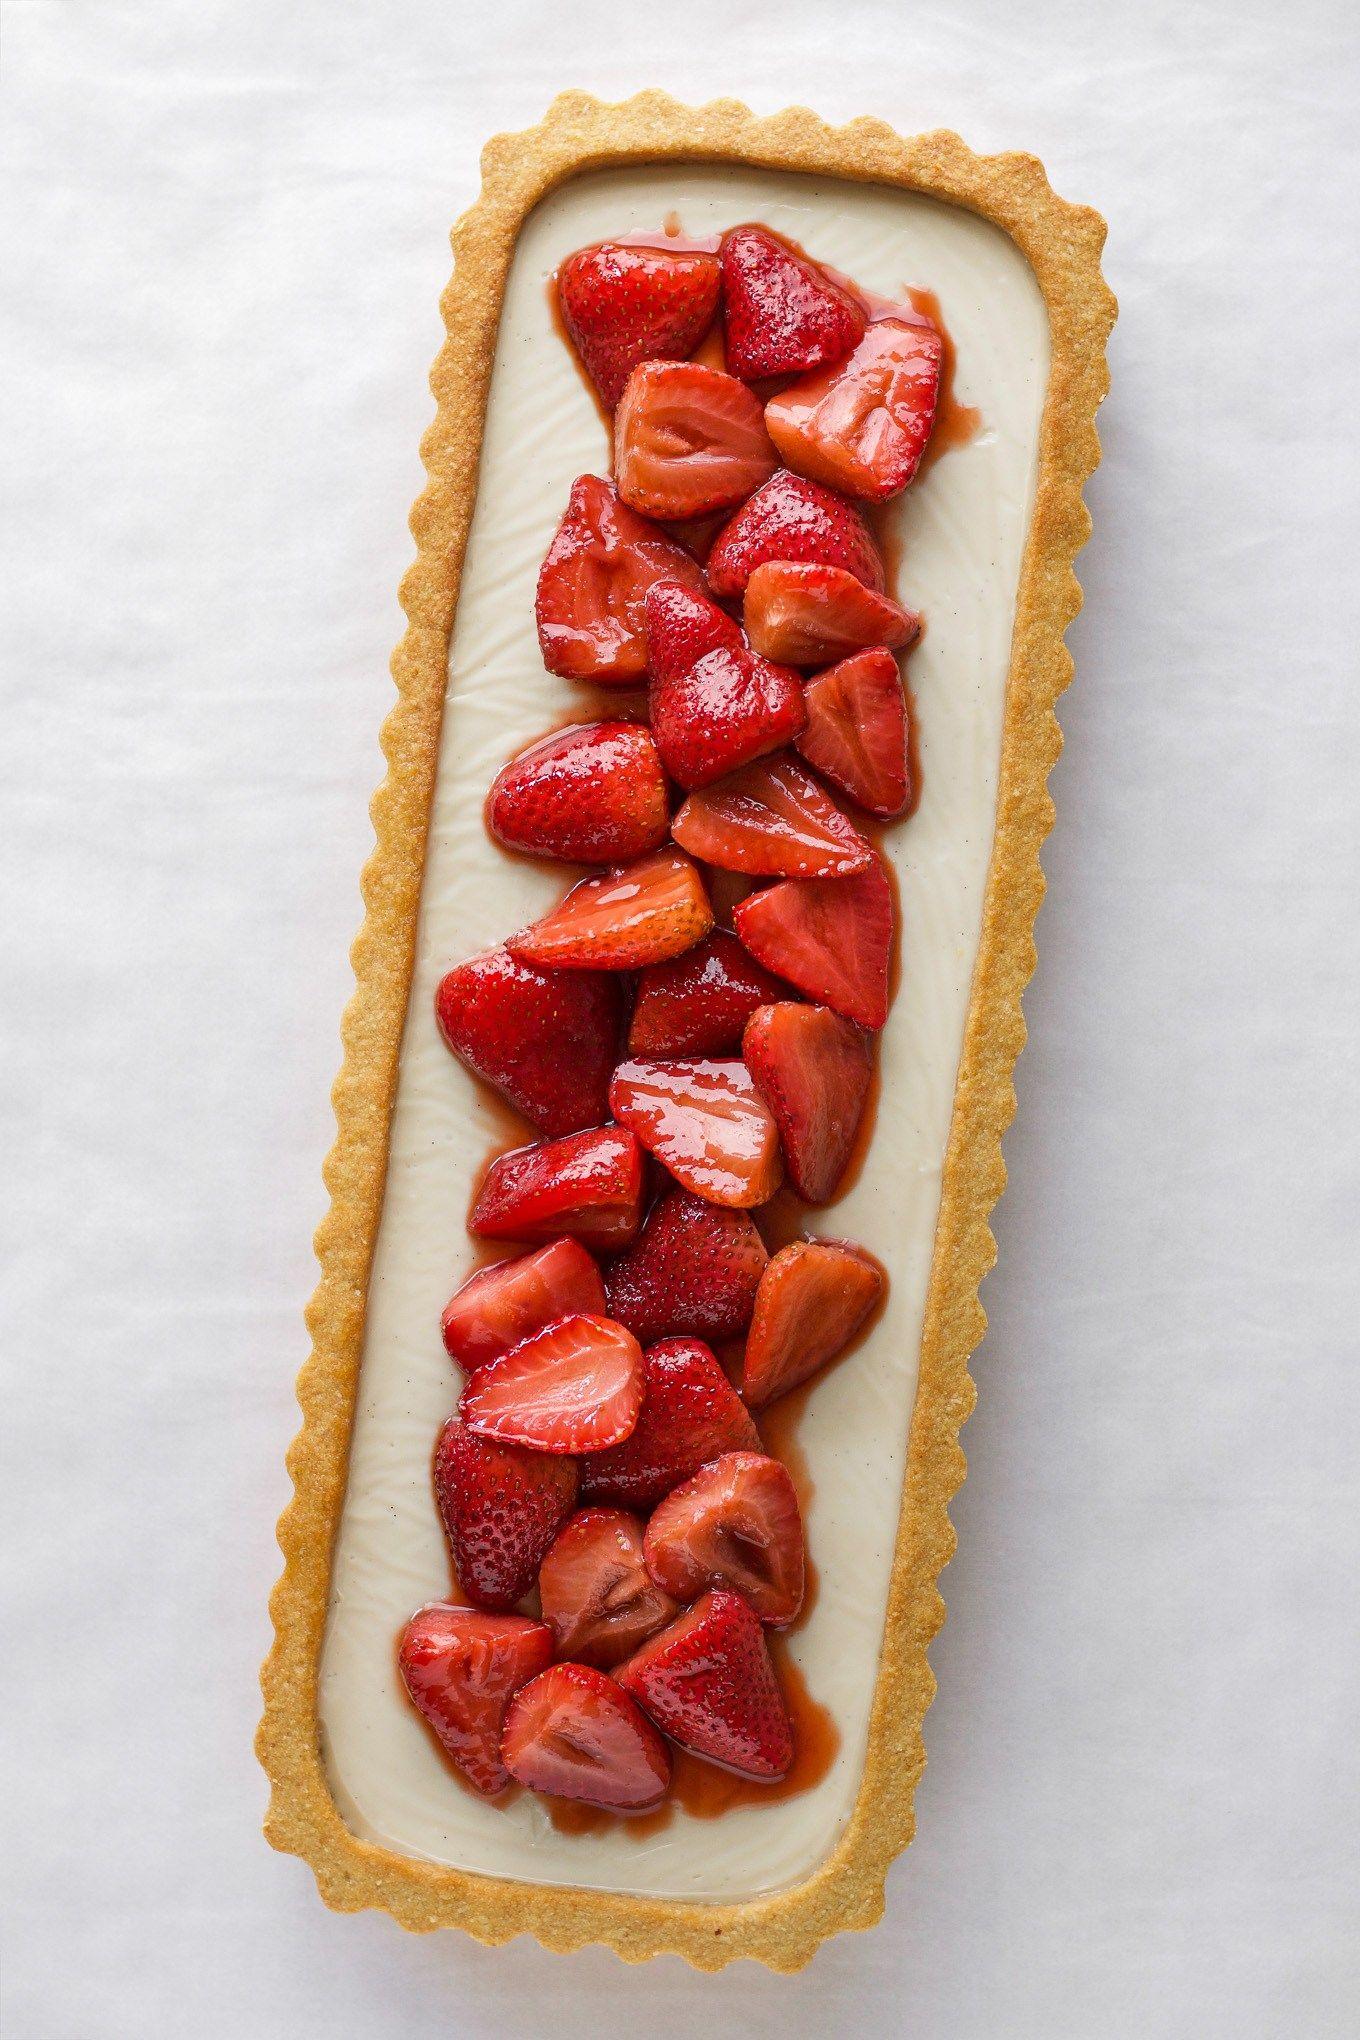 Vanilla Cream Tart With Roasted Balsamic Strawberries